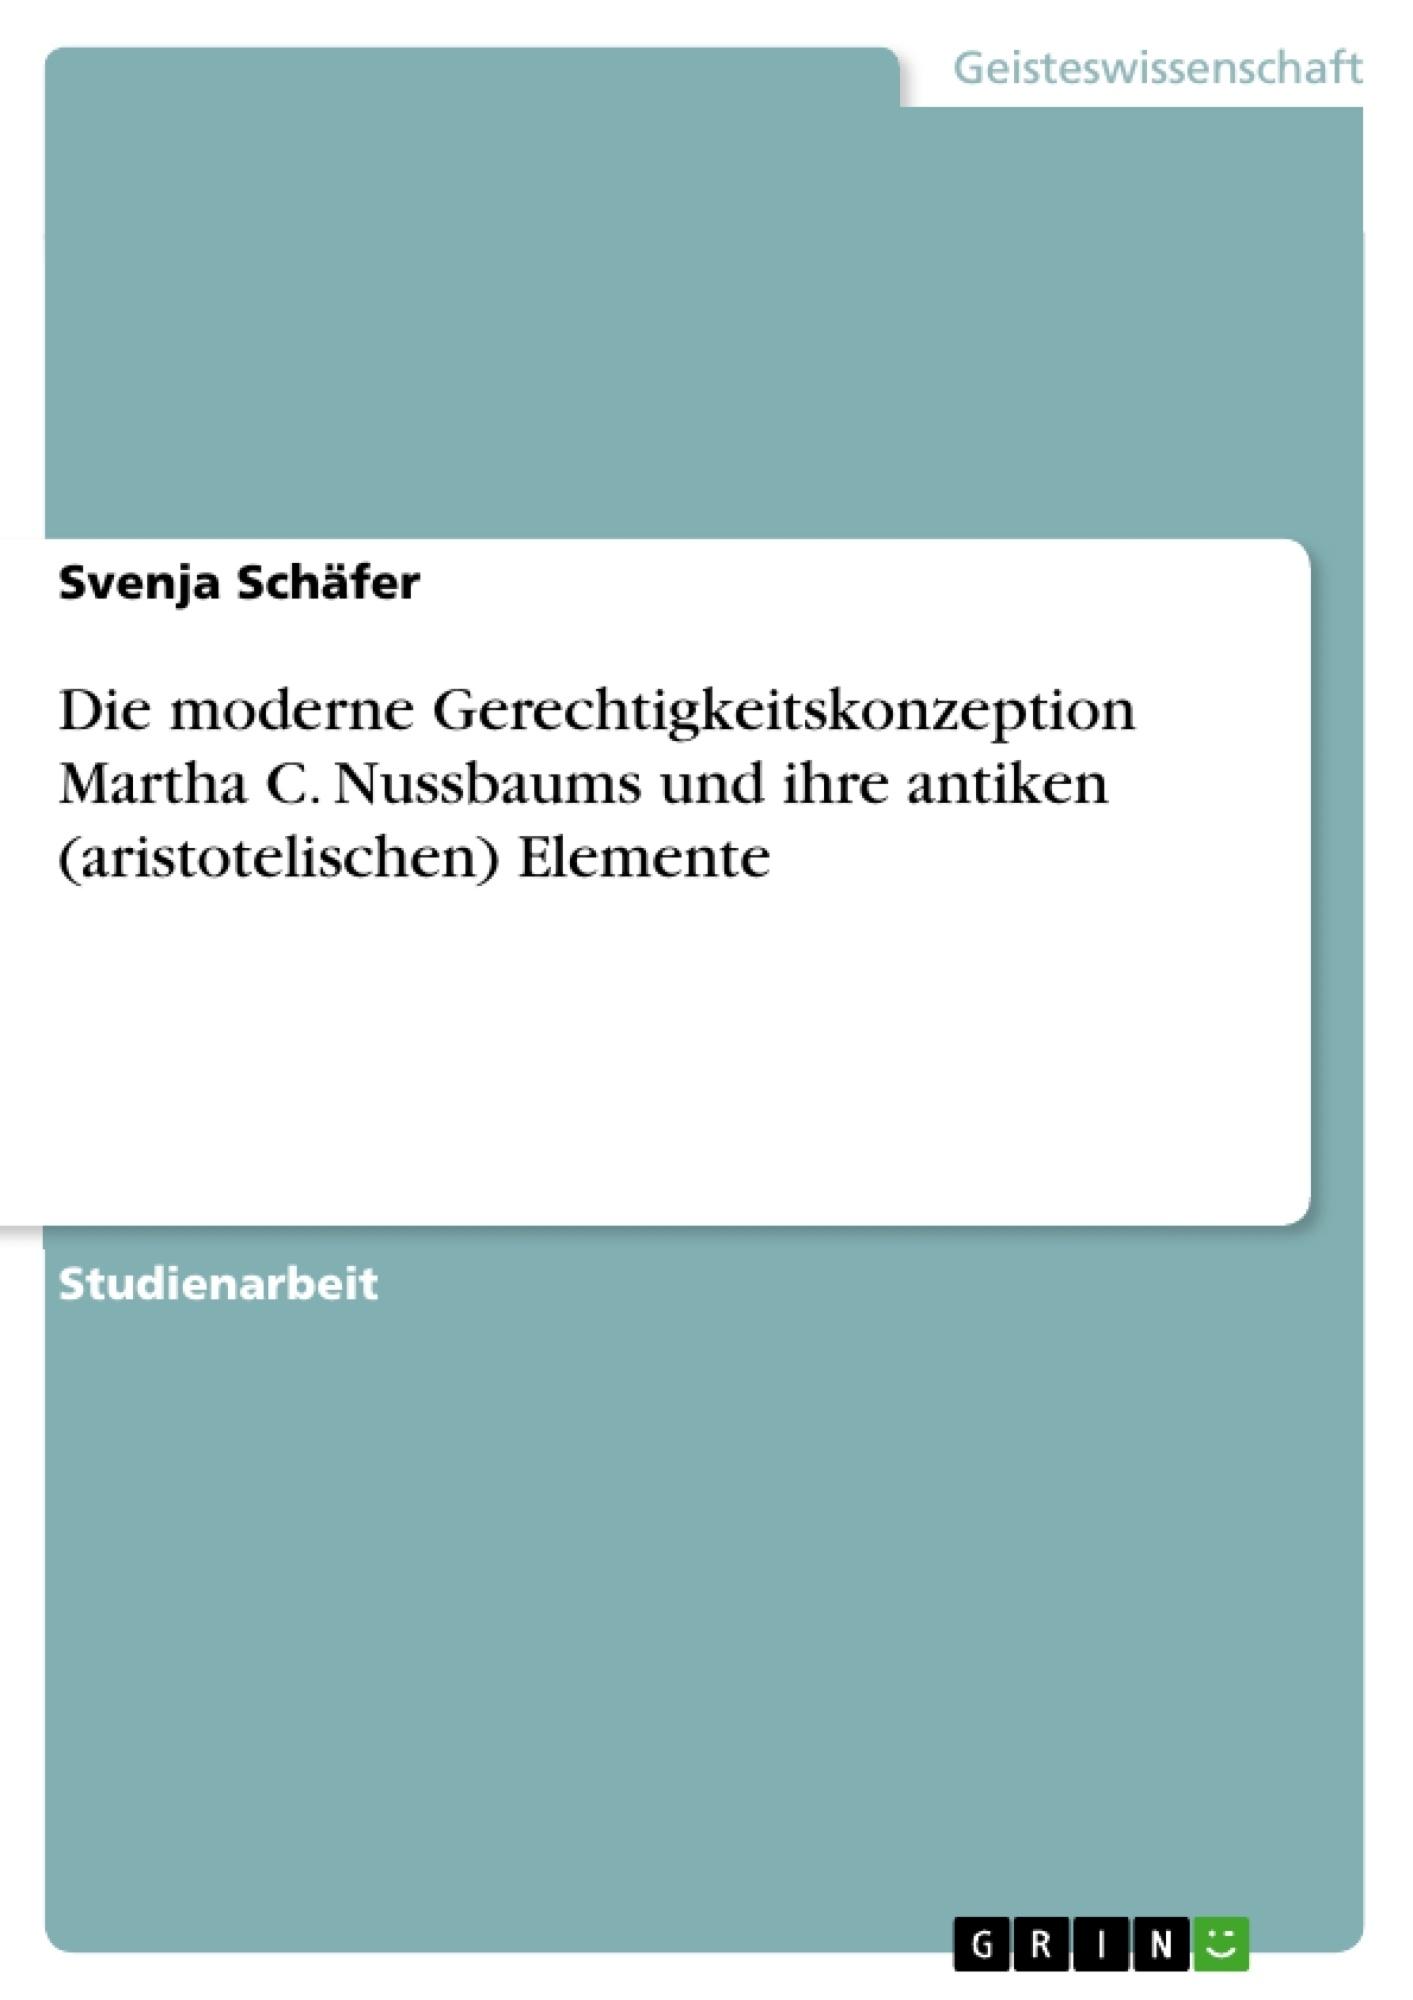 Titel: Die moderne Gerechtigkeitskonzeption Martha C. Nussbaums und ihre antiken (aristotelischen) Elemente